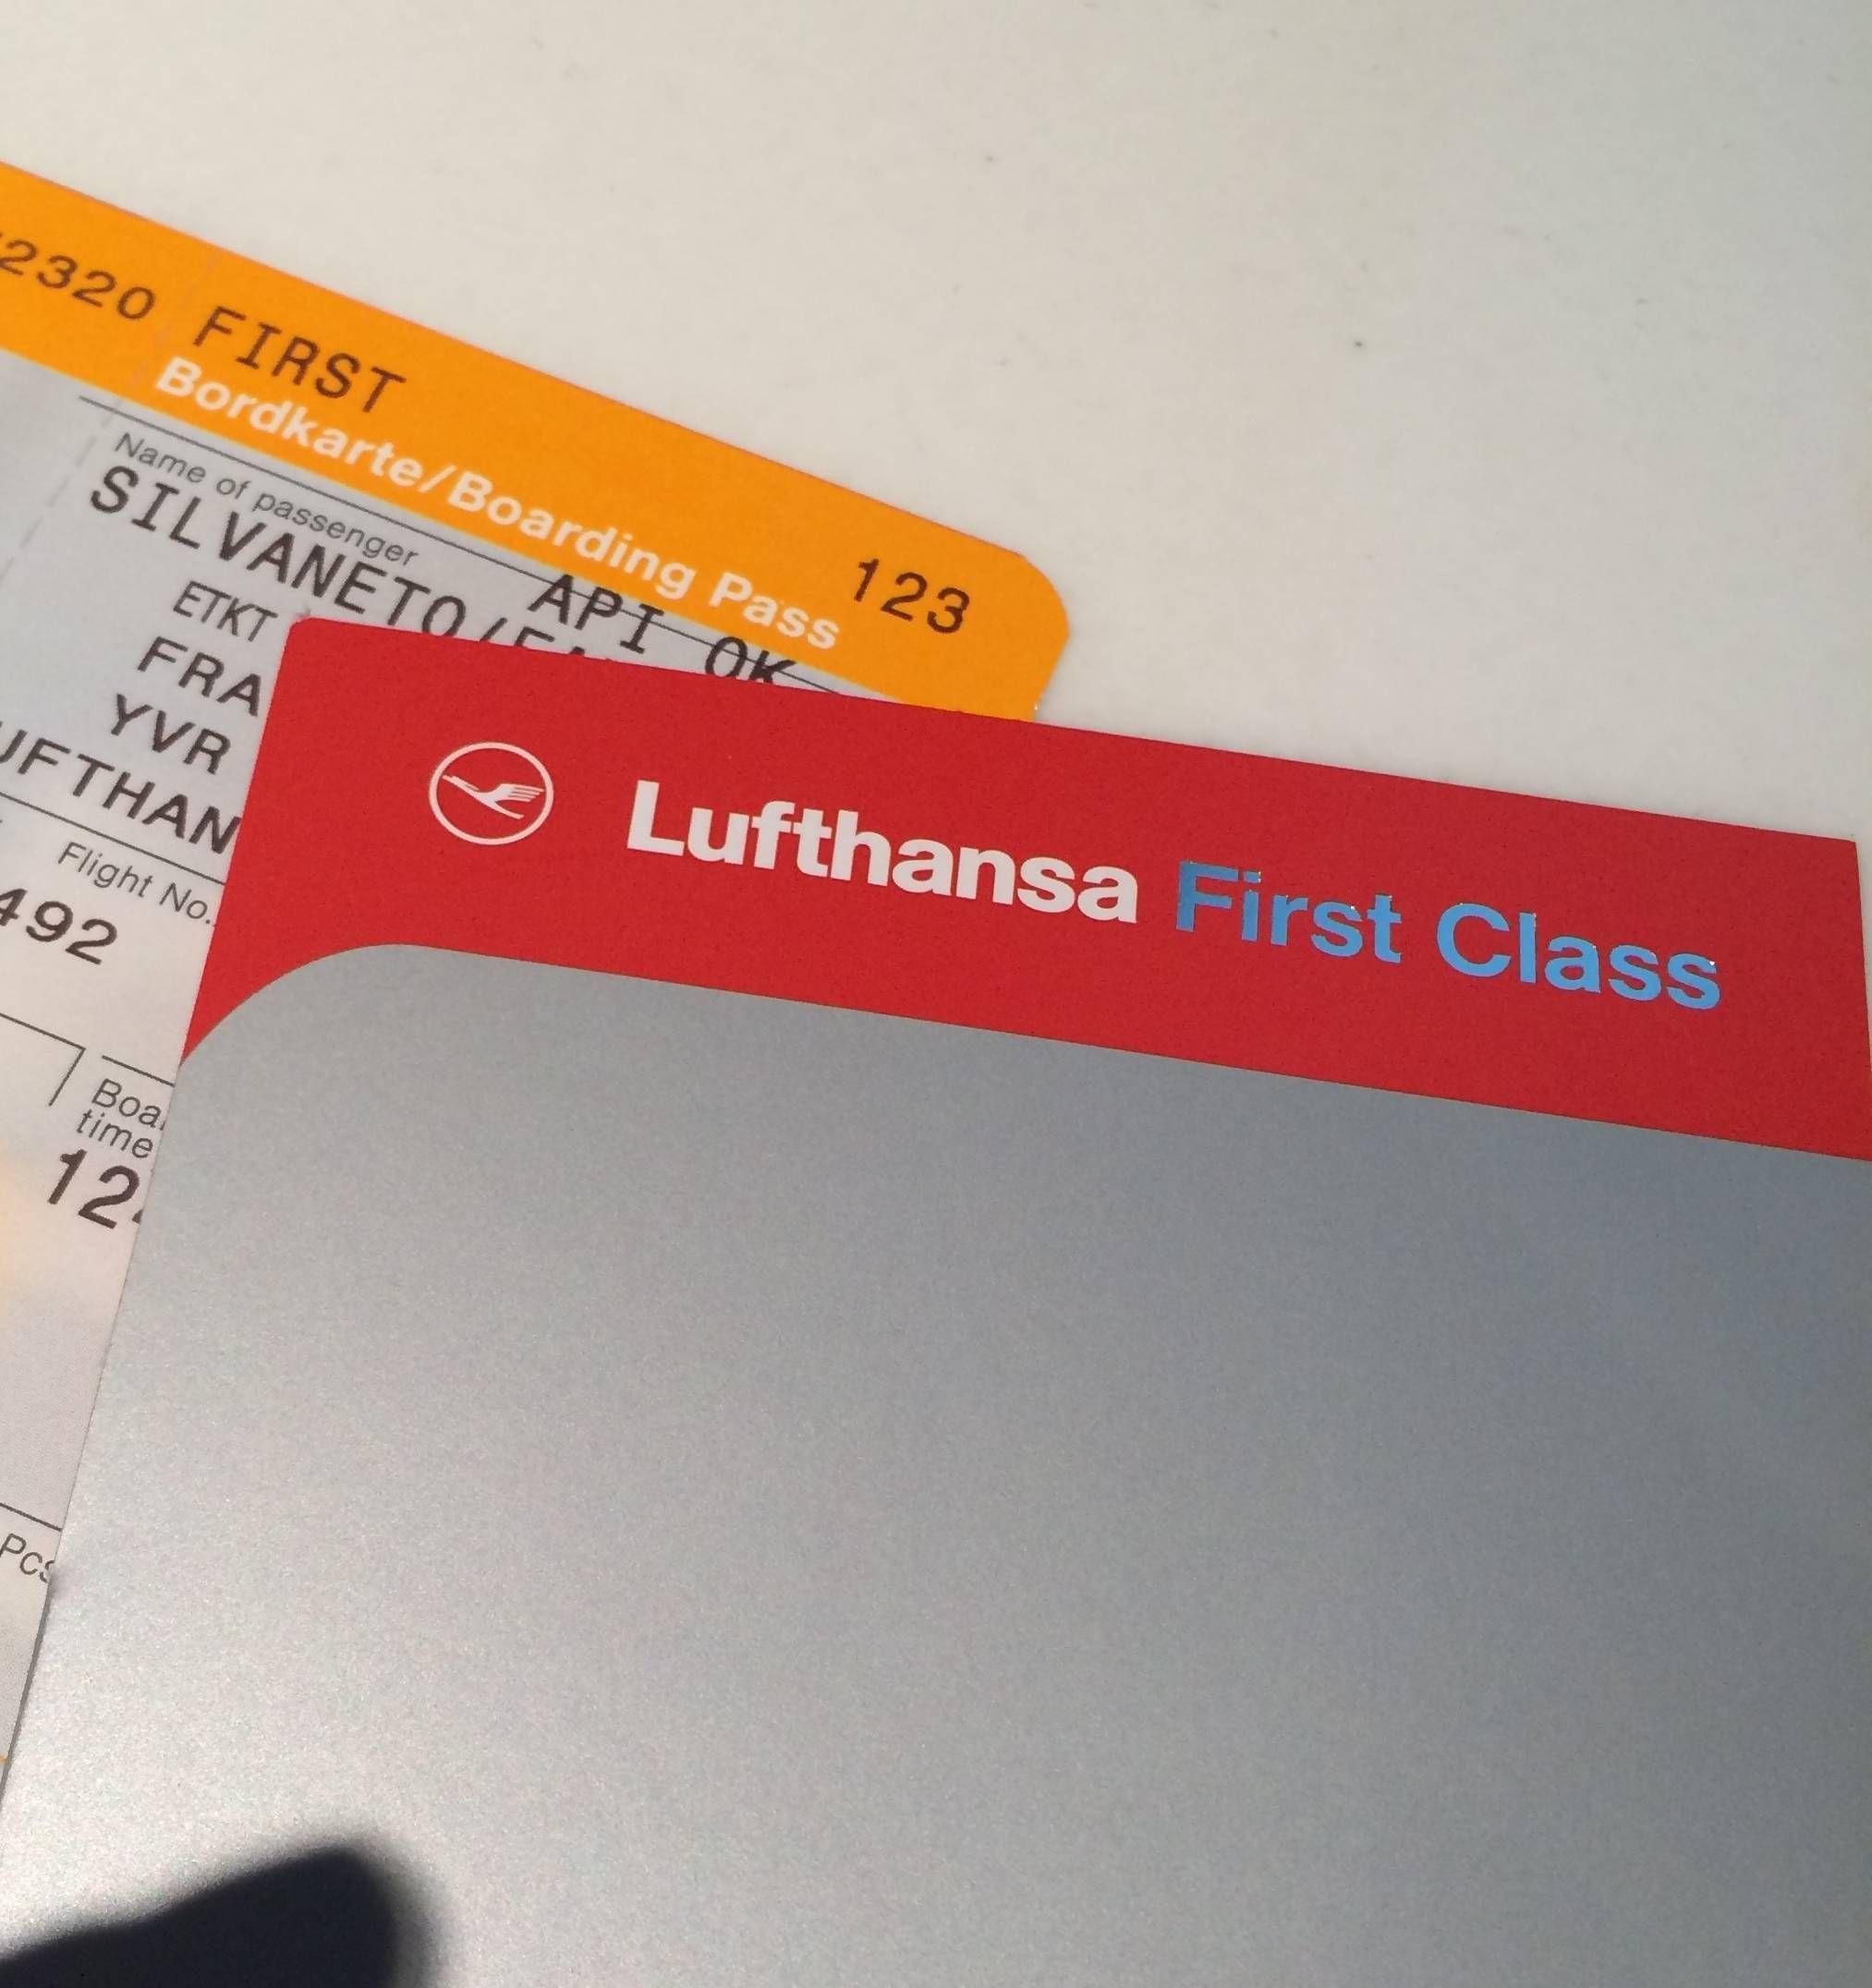 Lufthansa First Class Terminal - Passageirodeprimeira1